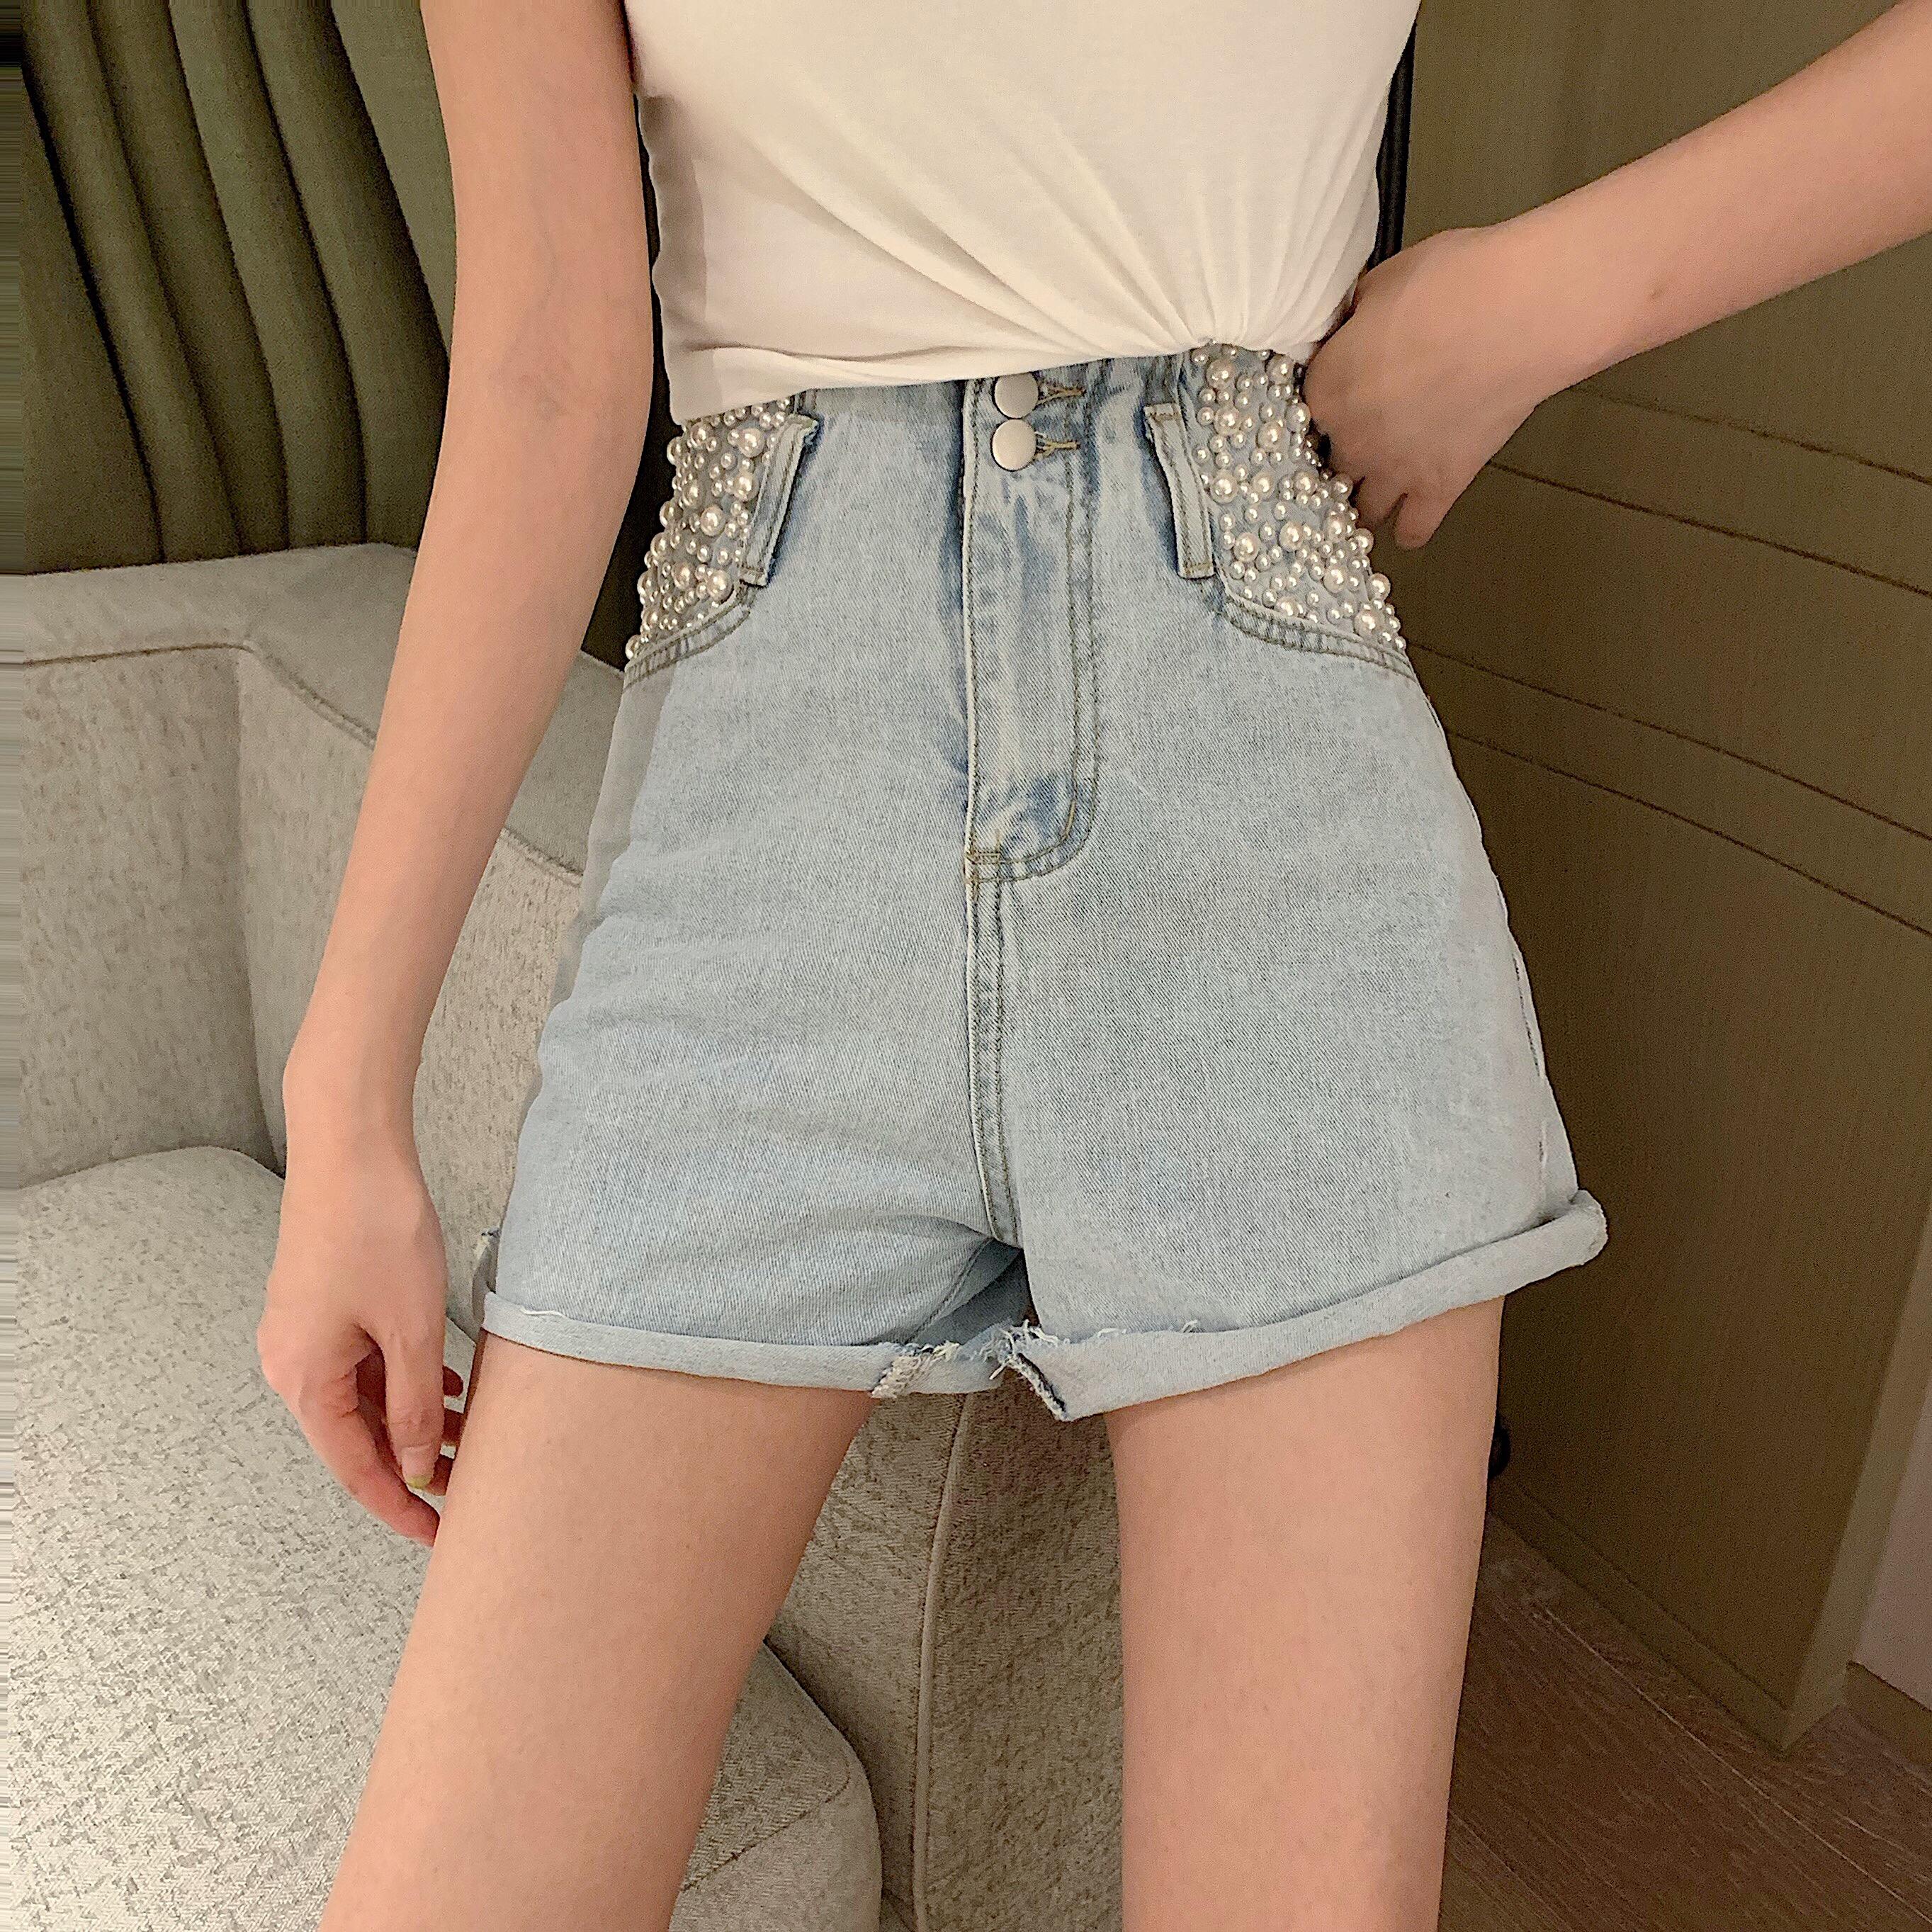 实拍实价重工钉珠高腰牛仔裤女百搭做旧时尚阔腿短裤潮